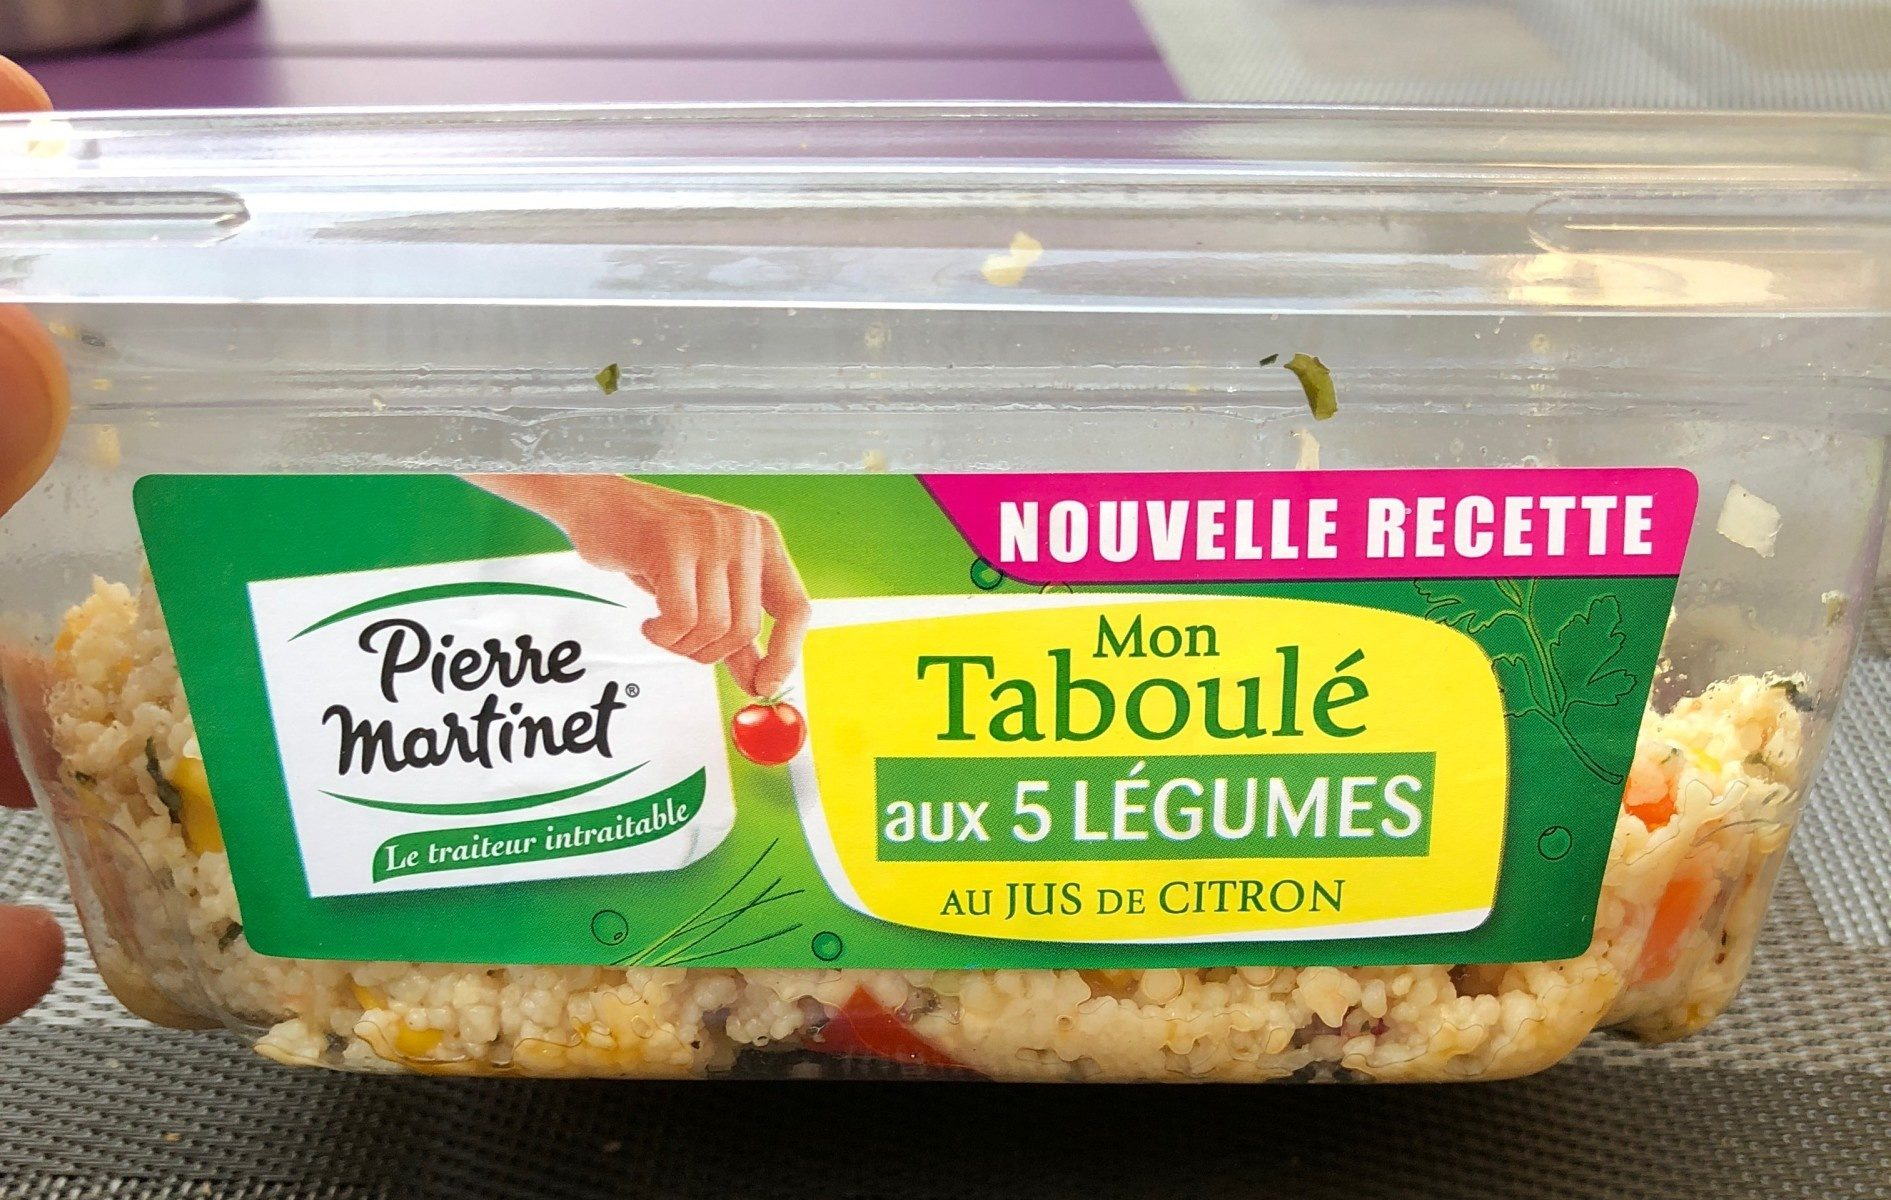 Taboulé aux 5 Légumes - Product